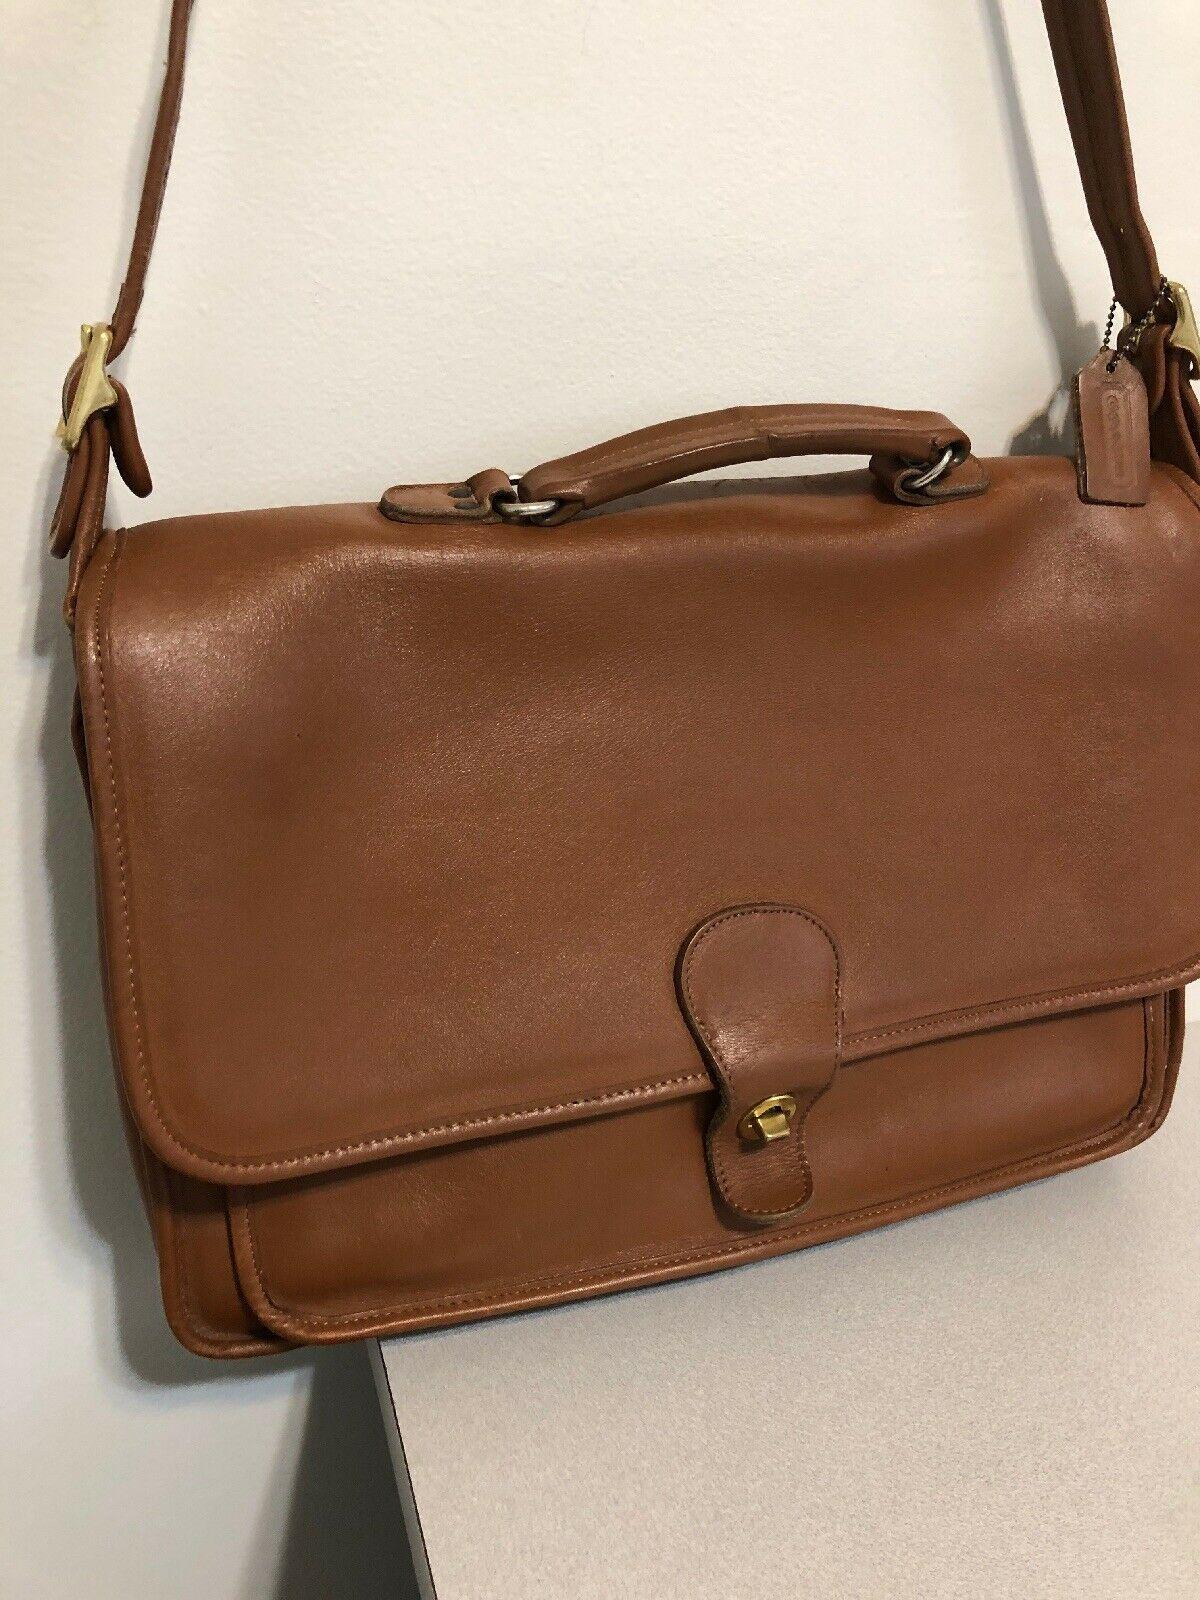 Vintage COACH L6C- 5180 Metropolitan Leather Messenger Attache Tan image 2